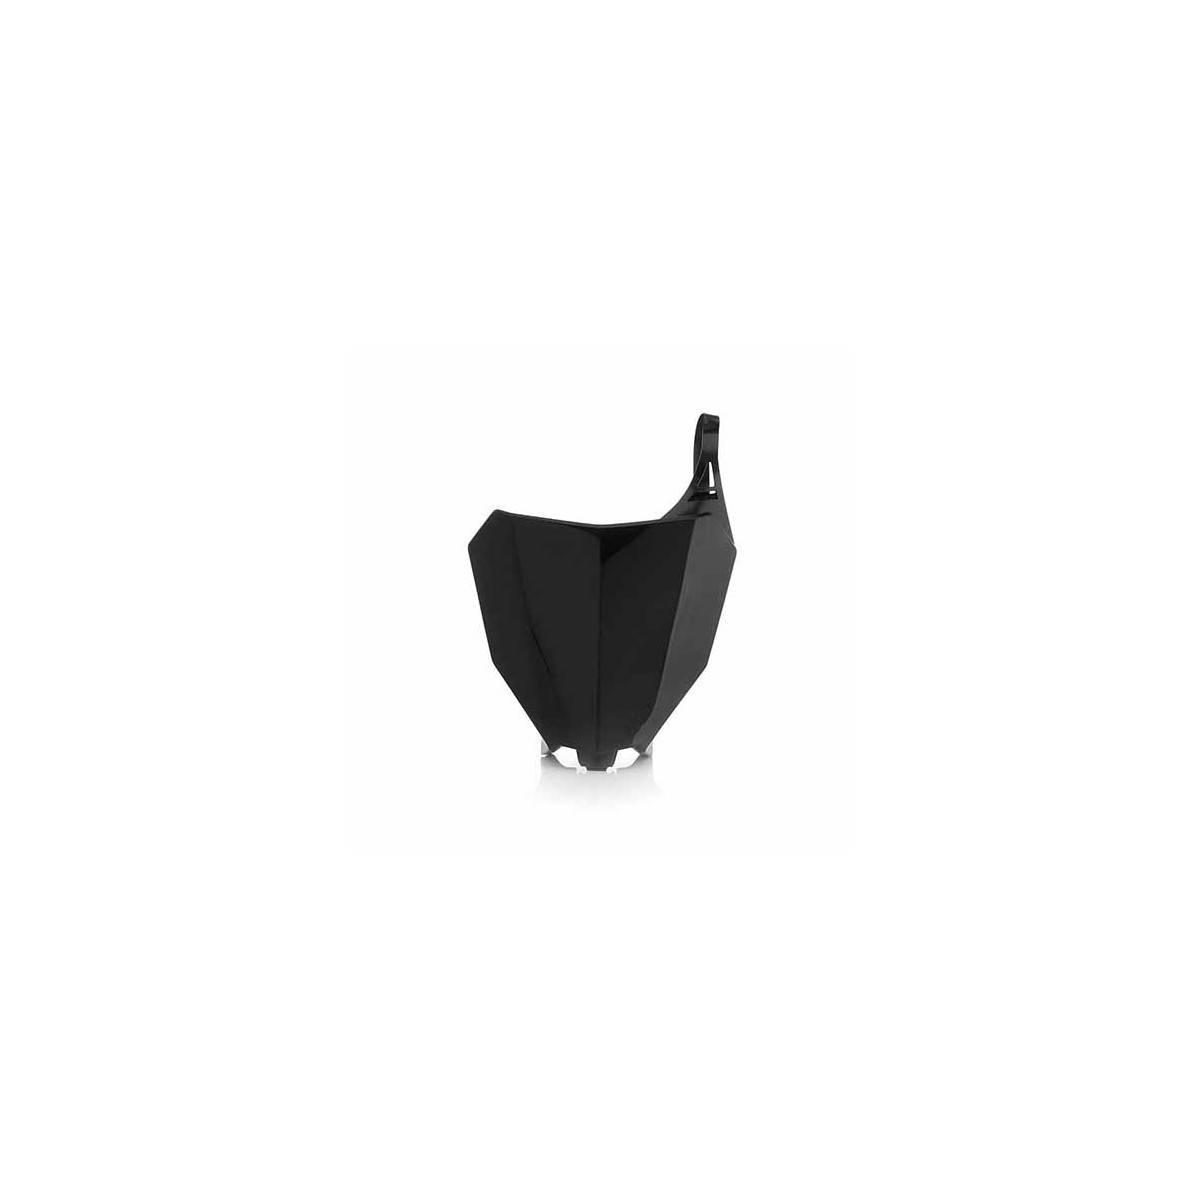 0022380-090 - Porta Numeros Crf 250R 18 Crf 450 Rx 17 18 Negro